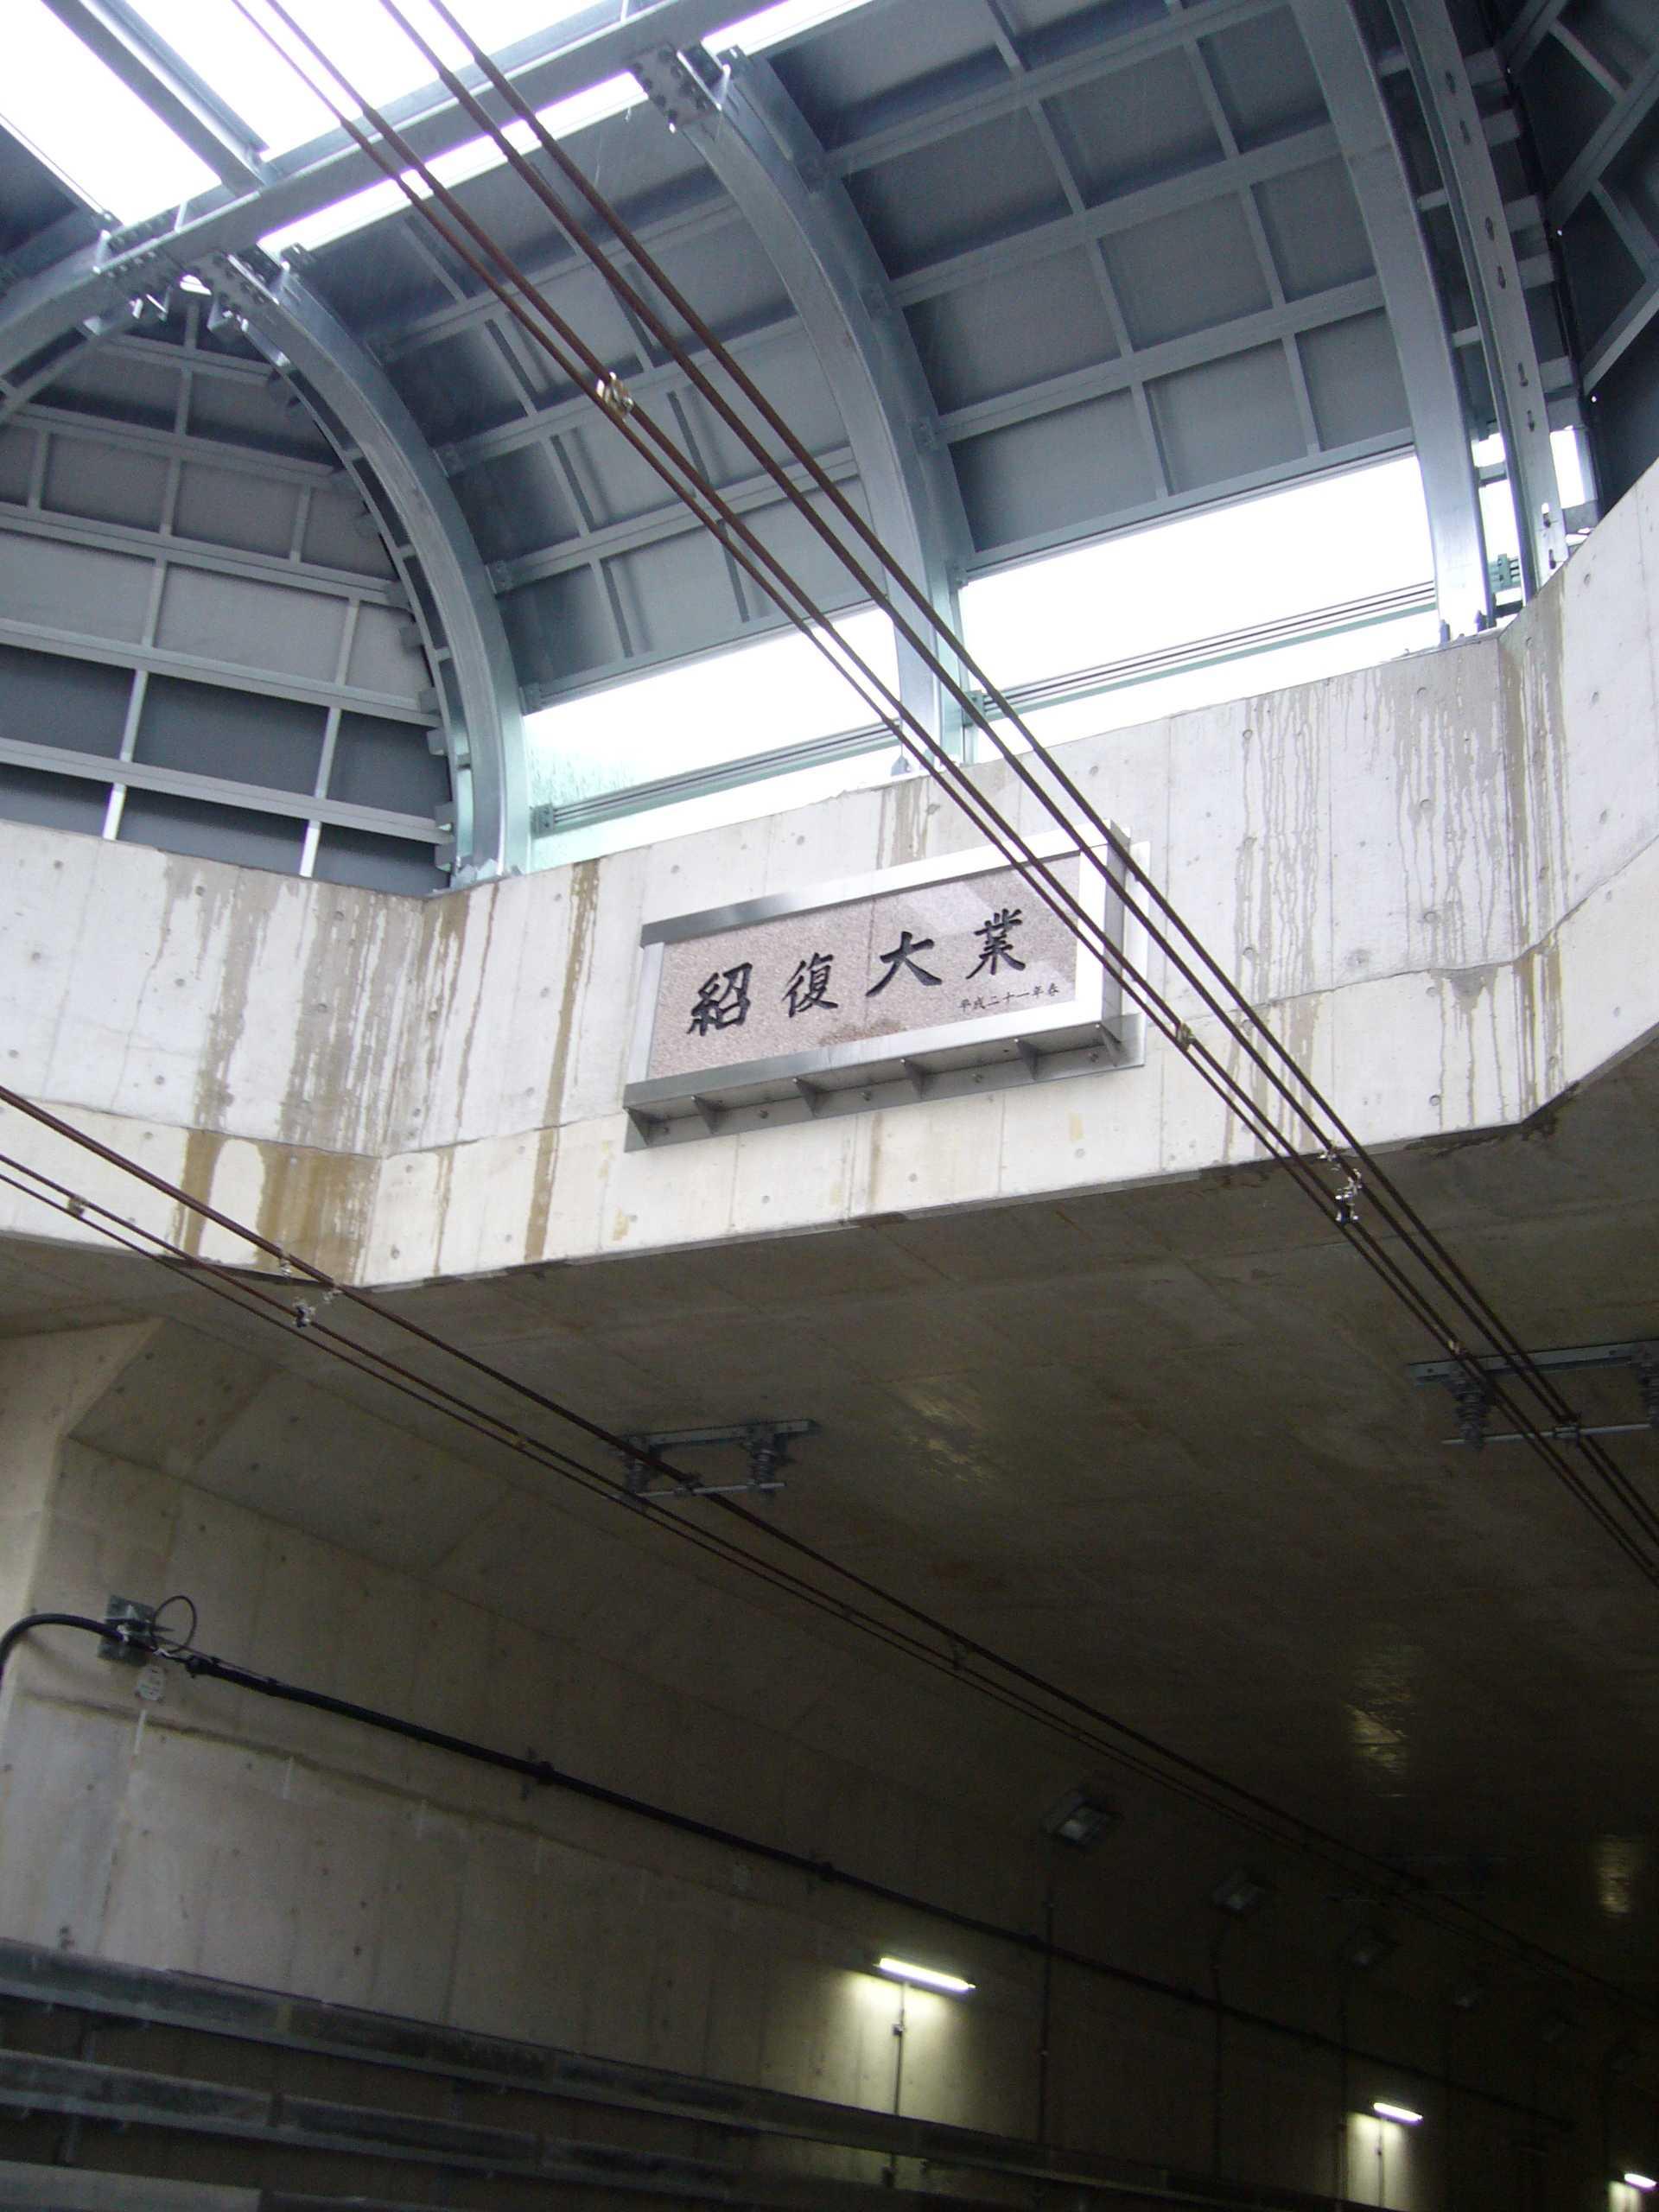 阪神なんば線九条駅から西九条駅へ向かう開削トンネルの出口に「紹復大業」(この写真はクリックすると拡大します)